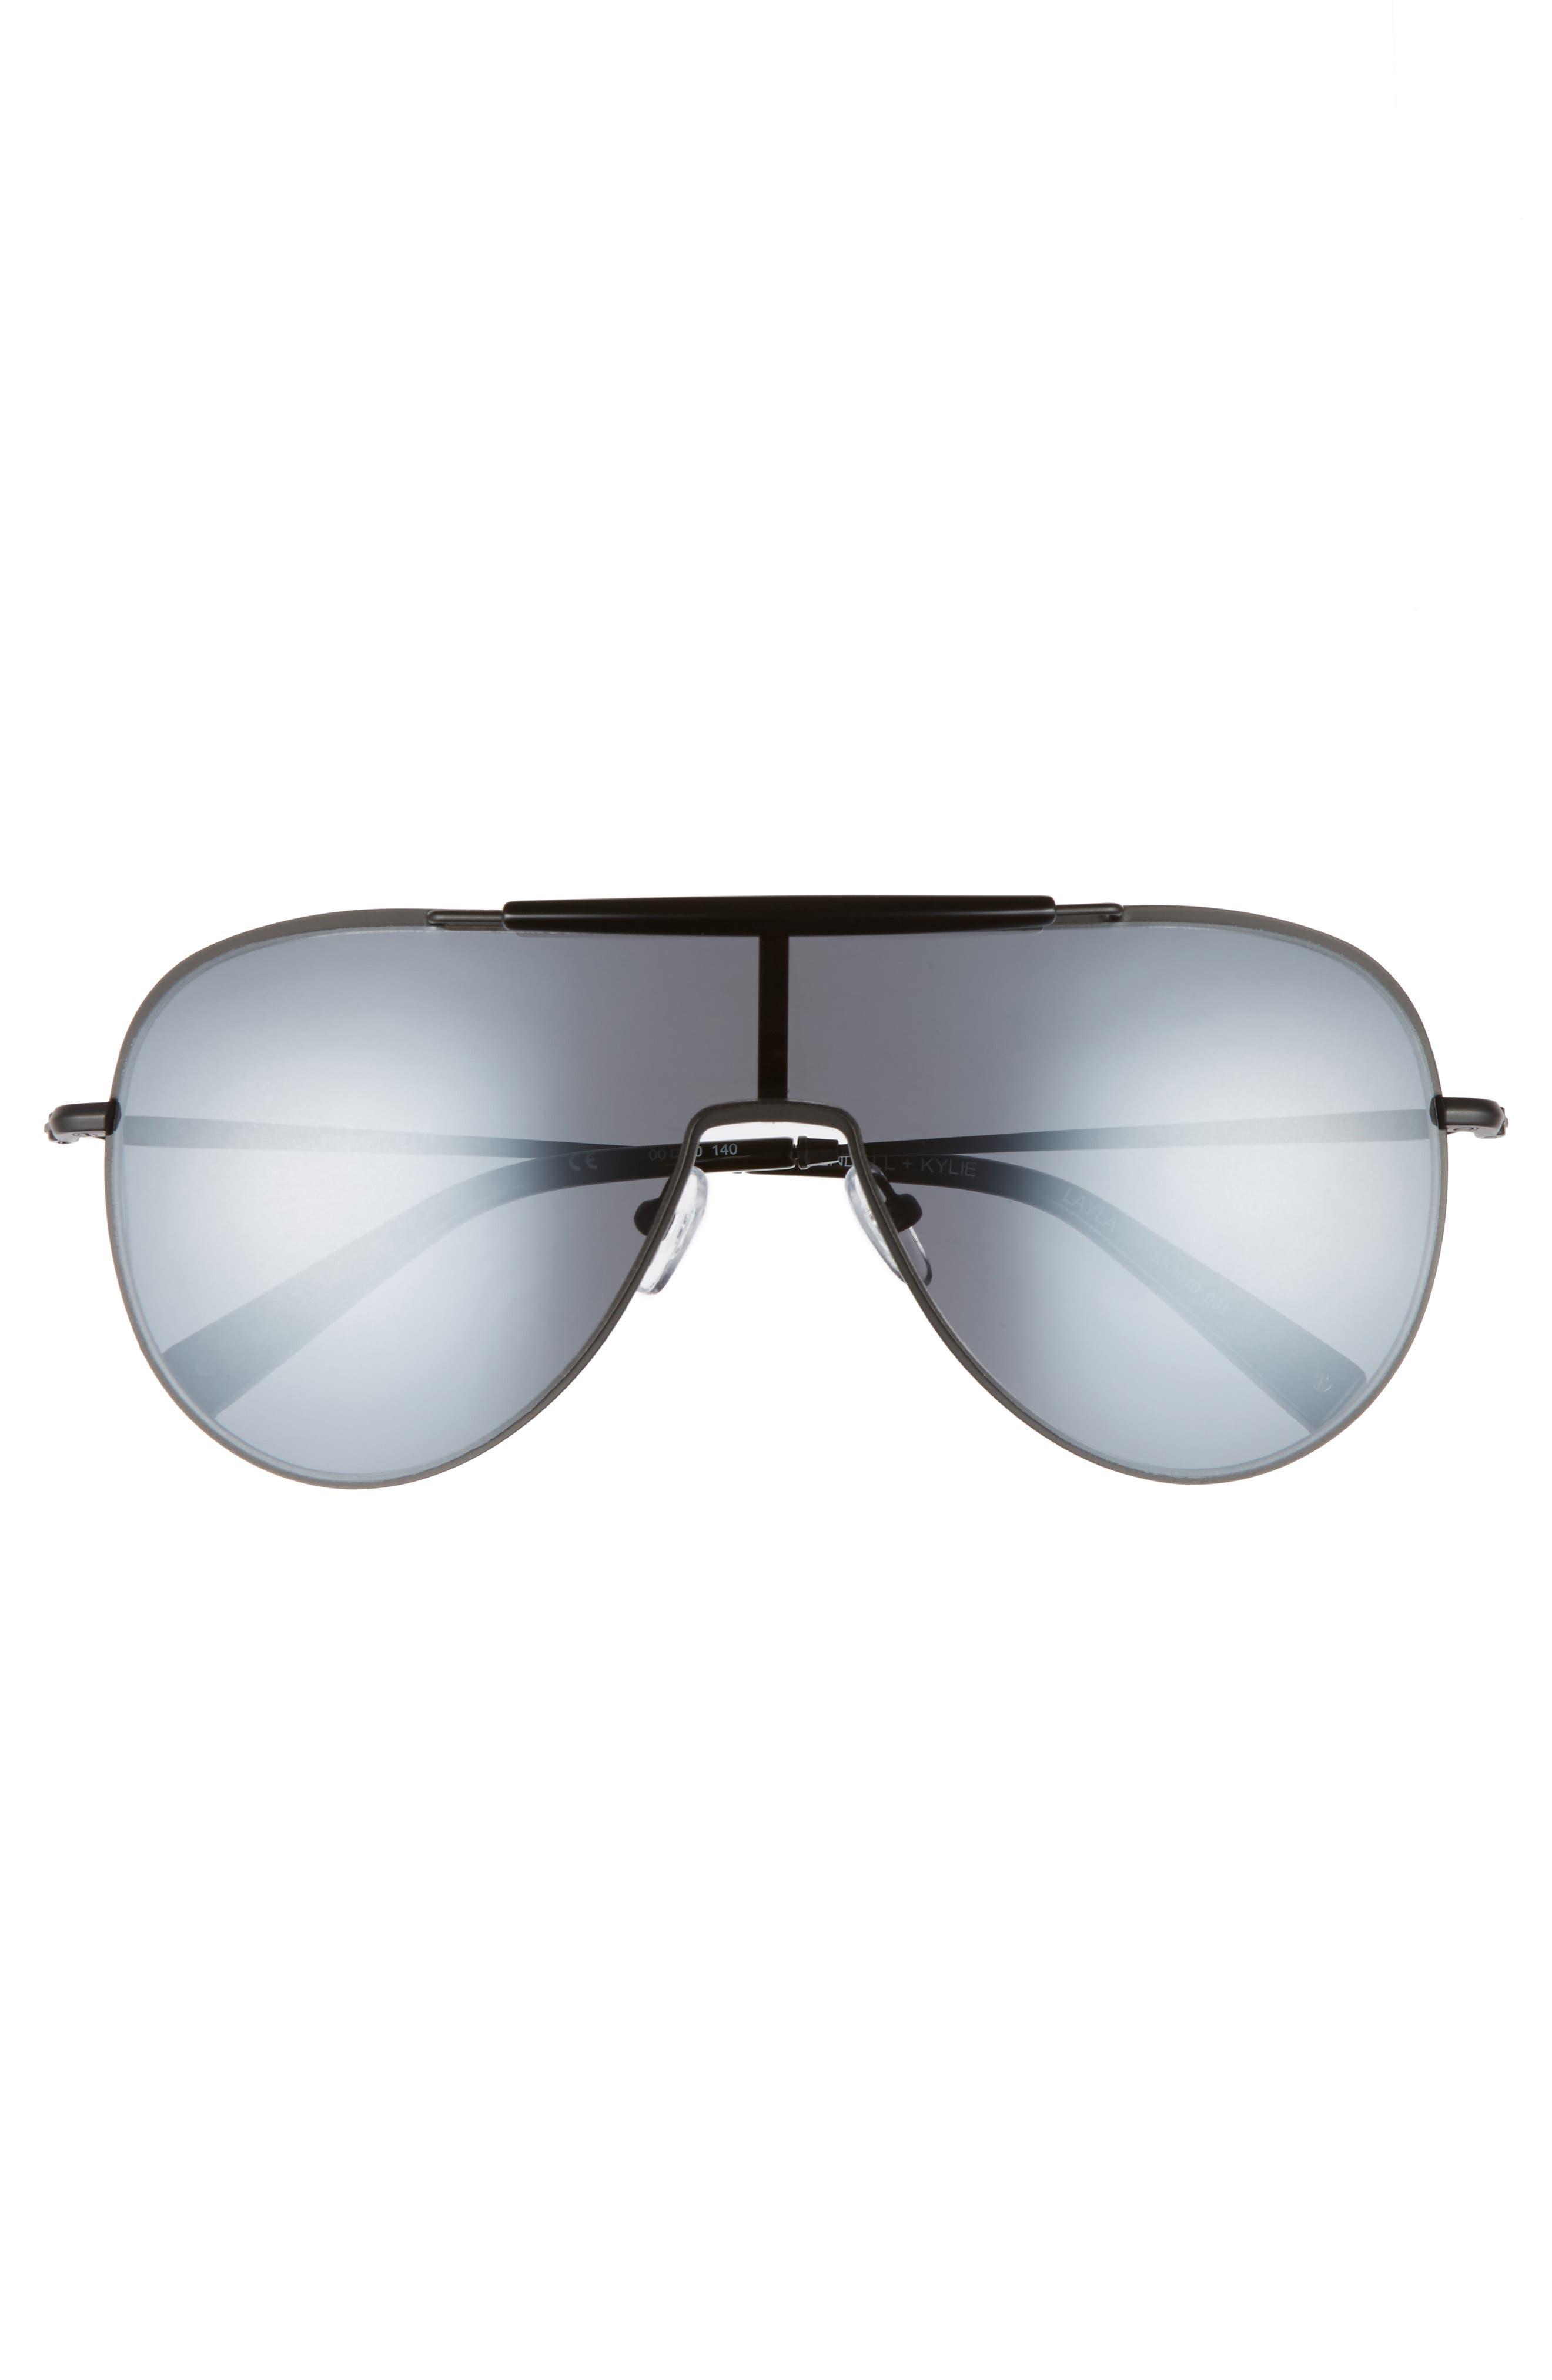 Shield Aviator Sunglasses,                             Alternate thumbnail 3, color,                             Black/ Black